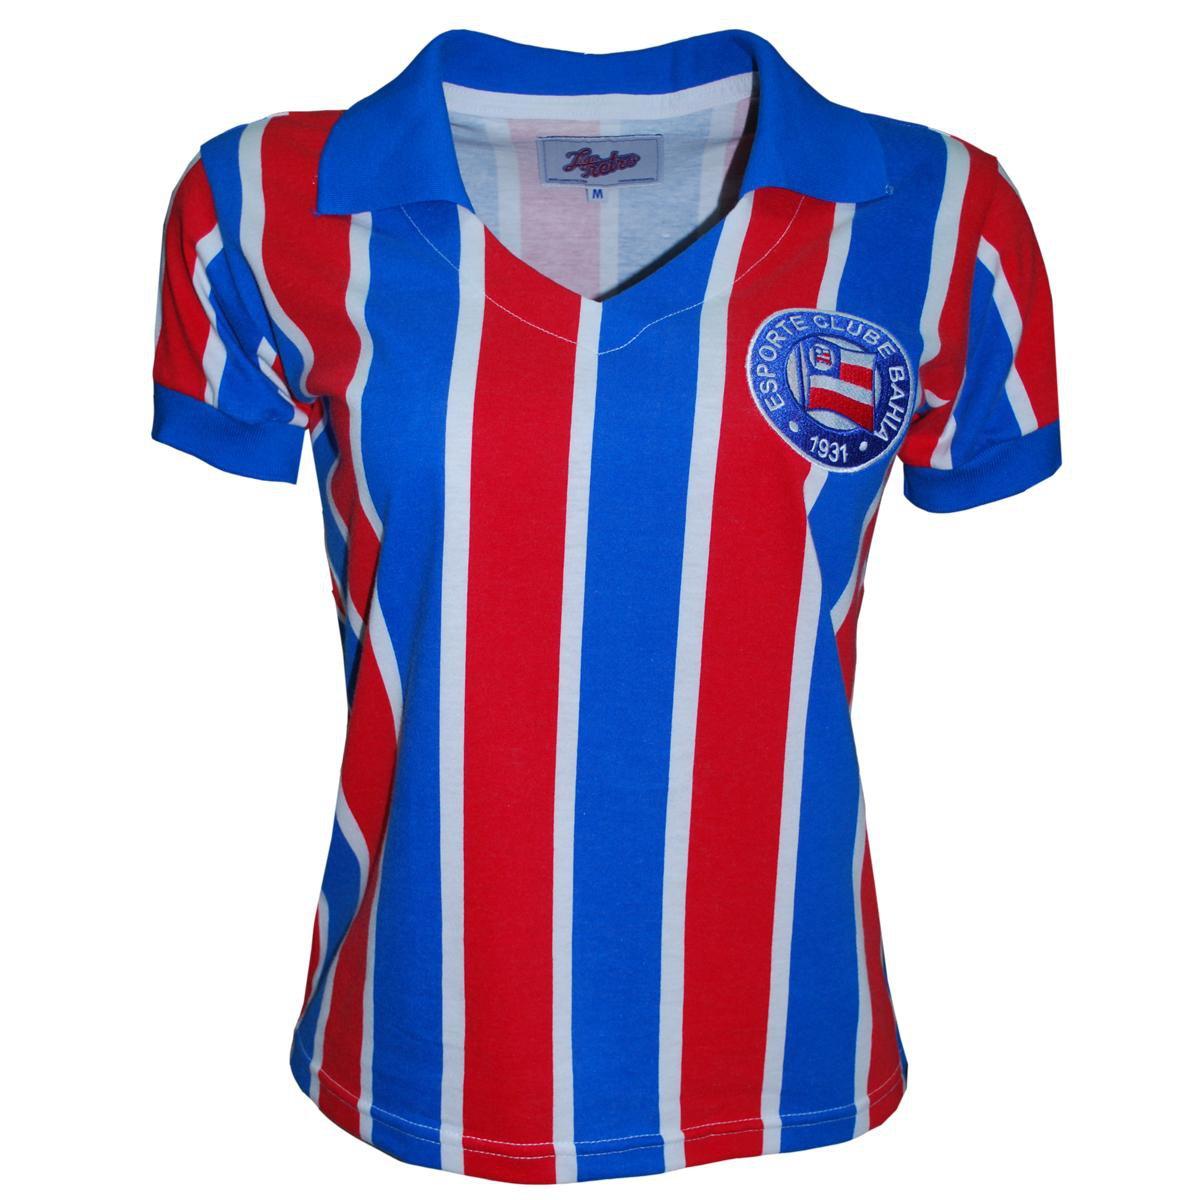 Azul Camisa Retrô e Liga Vermelho Feminina Liga Bahia Camisa 7q17gP